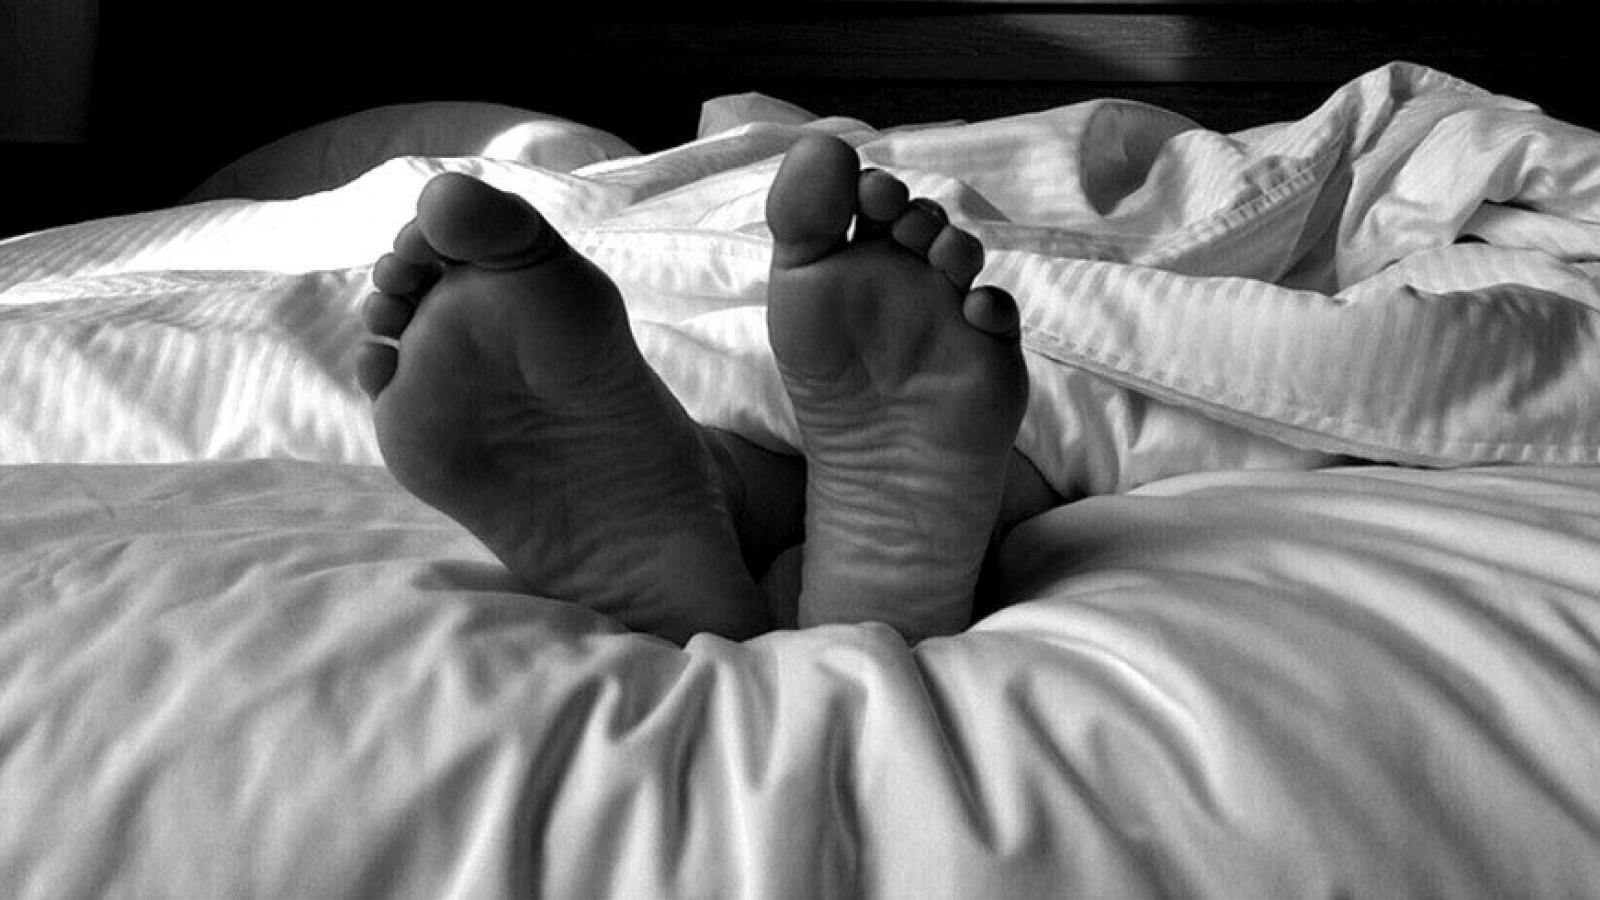 Вытегорец убил жену и уложил тело в кровать